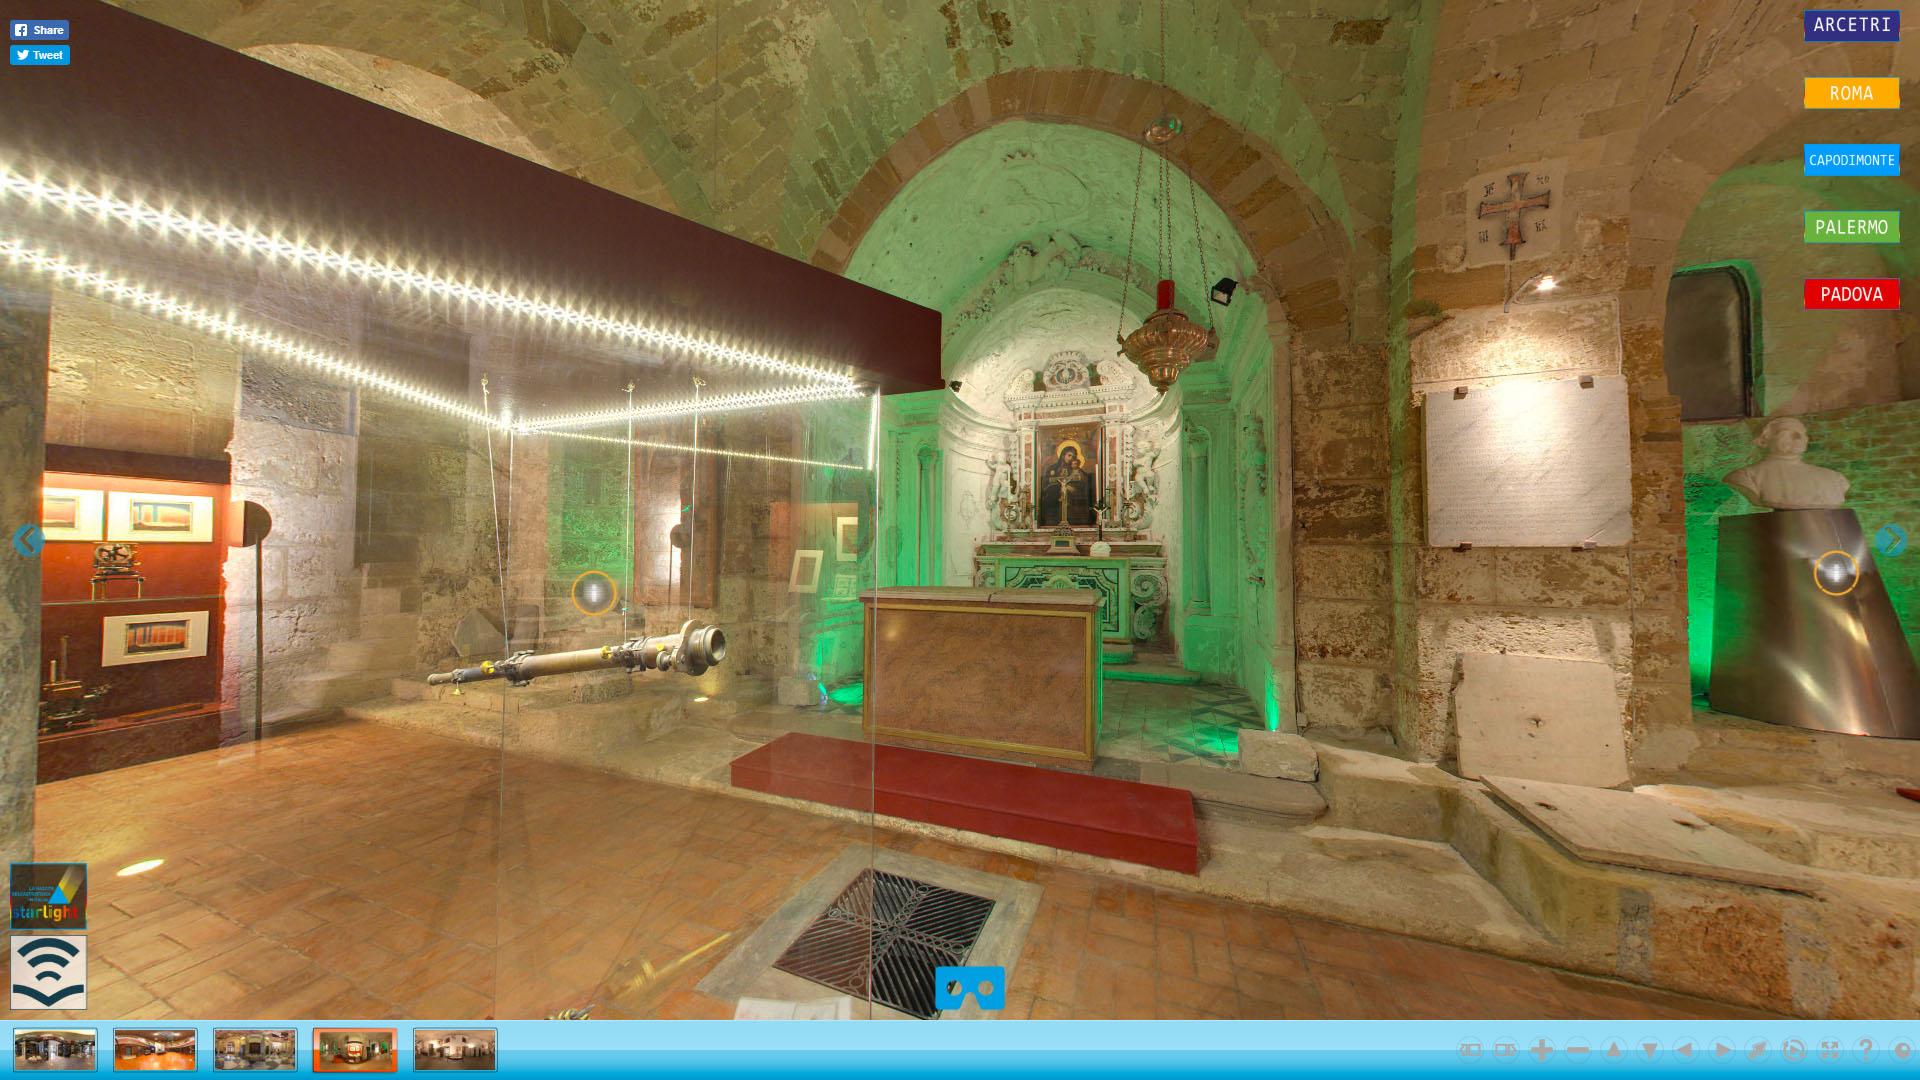 you360.it ha realizzato il virtualtour Starlight un museo virtuale della astrofisica INAF sedi di Monteporzio Catone (Roma), Arcetri (Firenze), Capodimonte (Napoli), Palermo, Padova